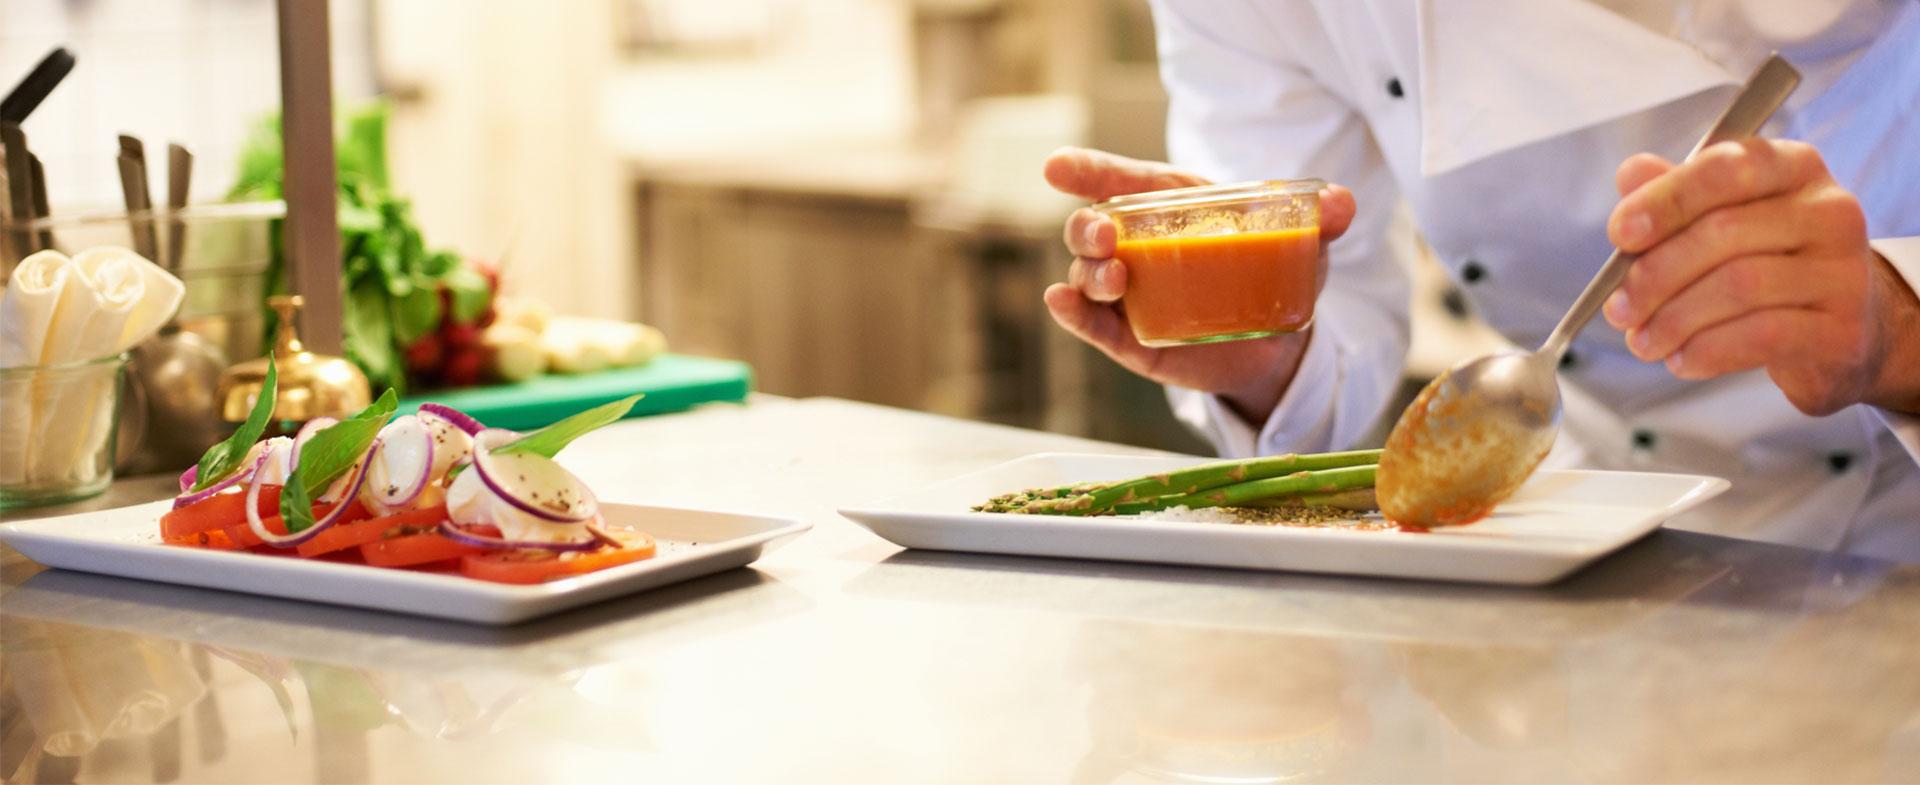 jeux de cuisine gratuit guide pratique